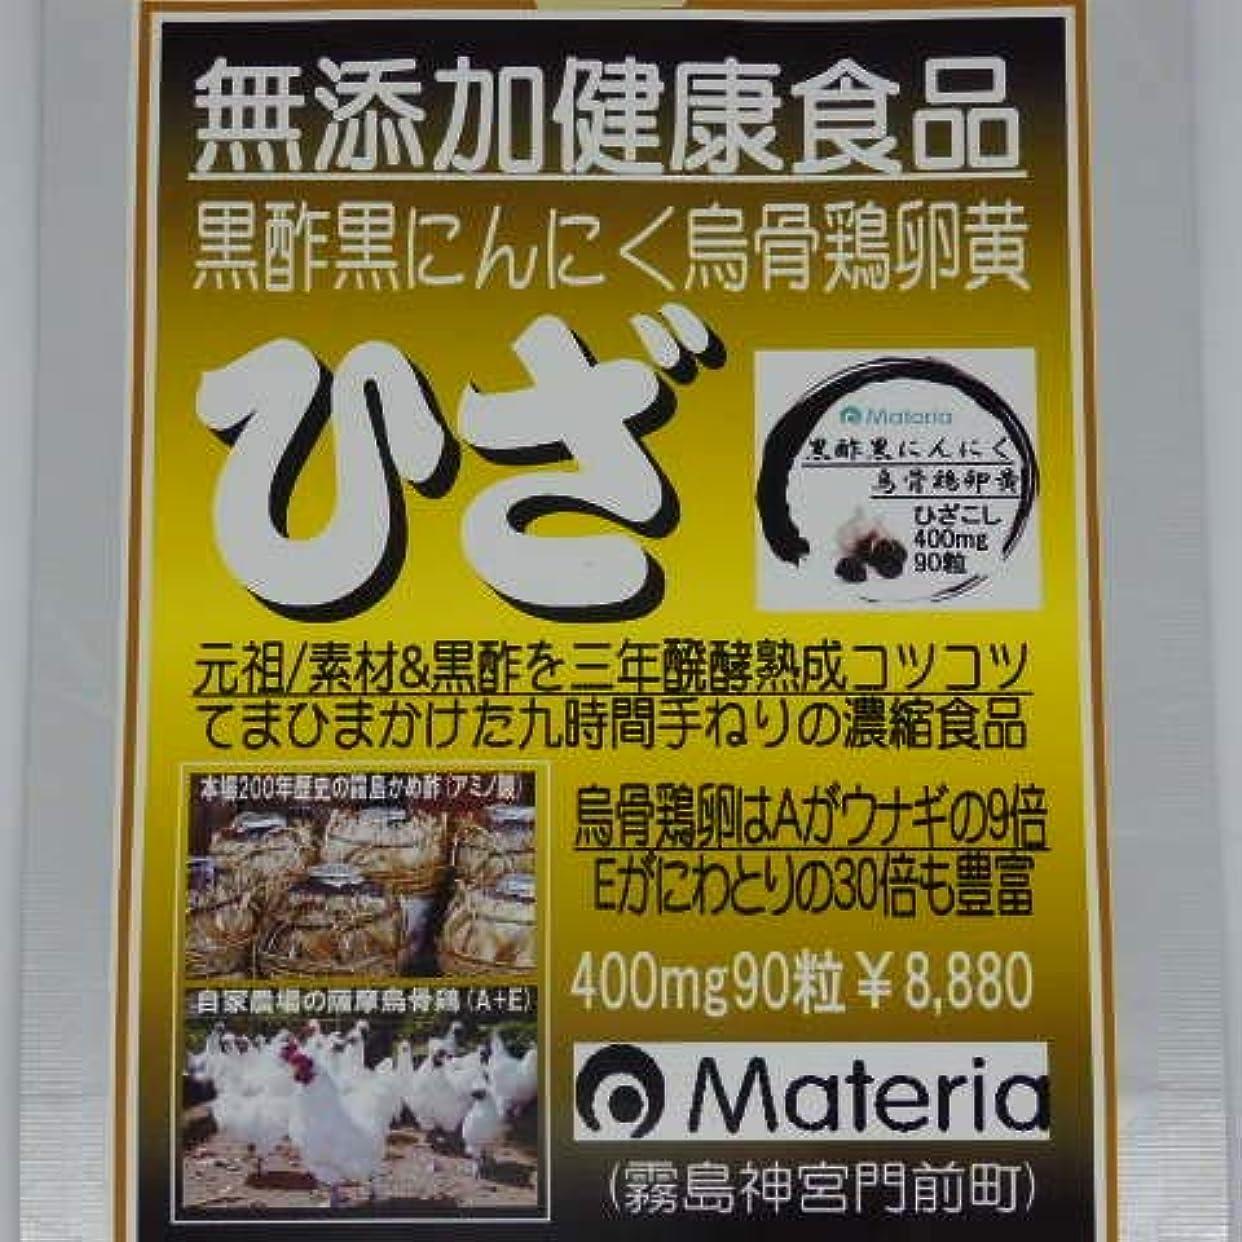 無添加健康食品/黒酢黒にんにく烏骨鶏卵黄/ひざ腰系(30粒)×3組90日分¥8,880